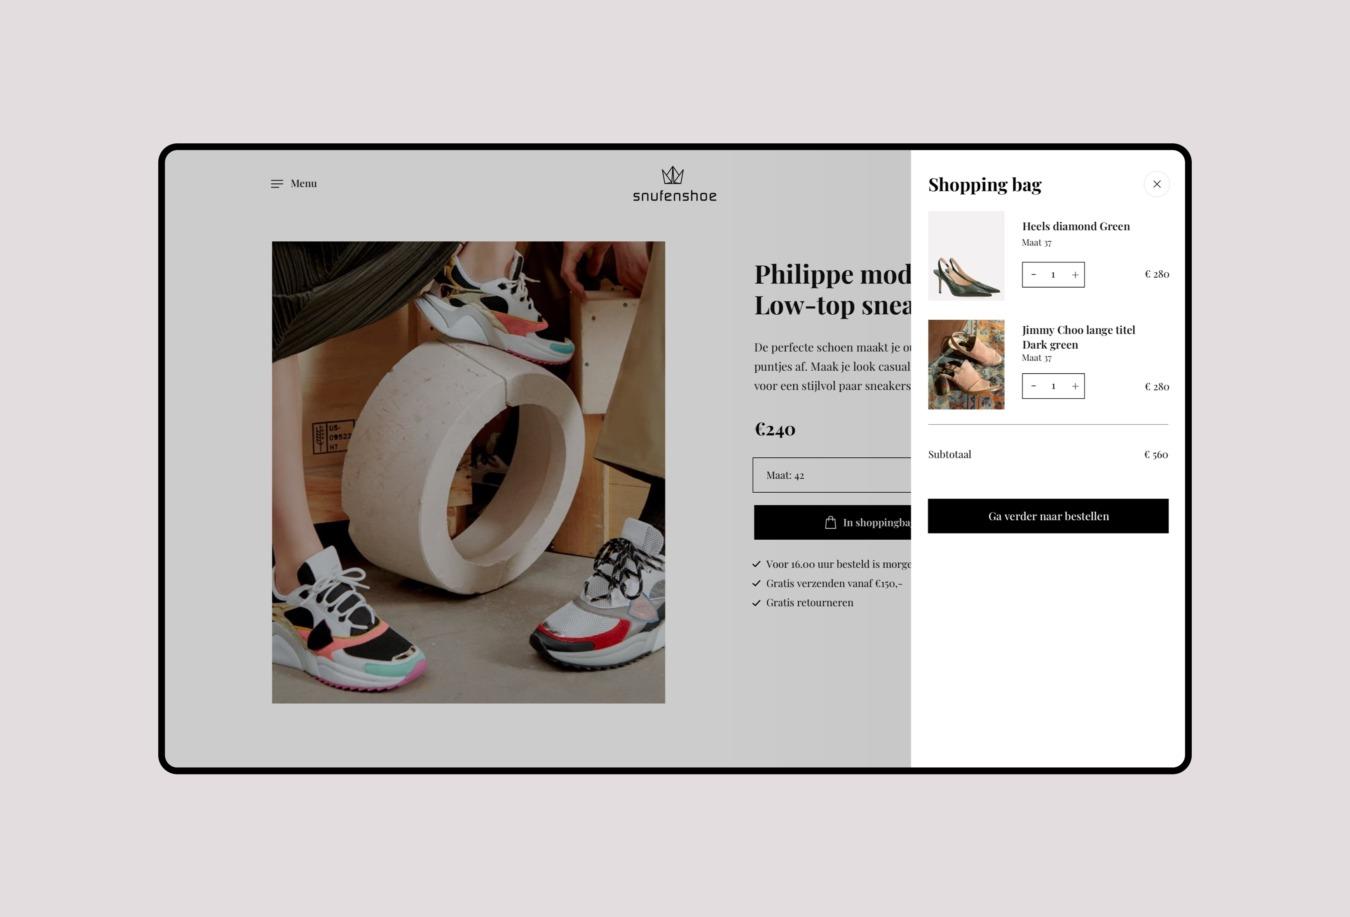 Snufenshoe webshop winkelwagen